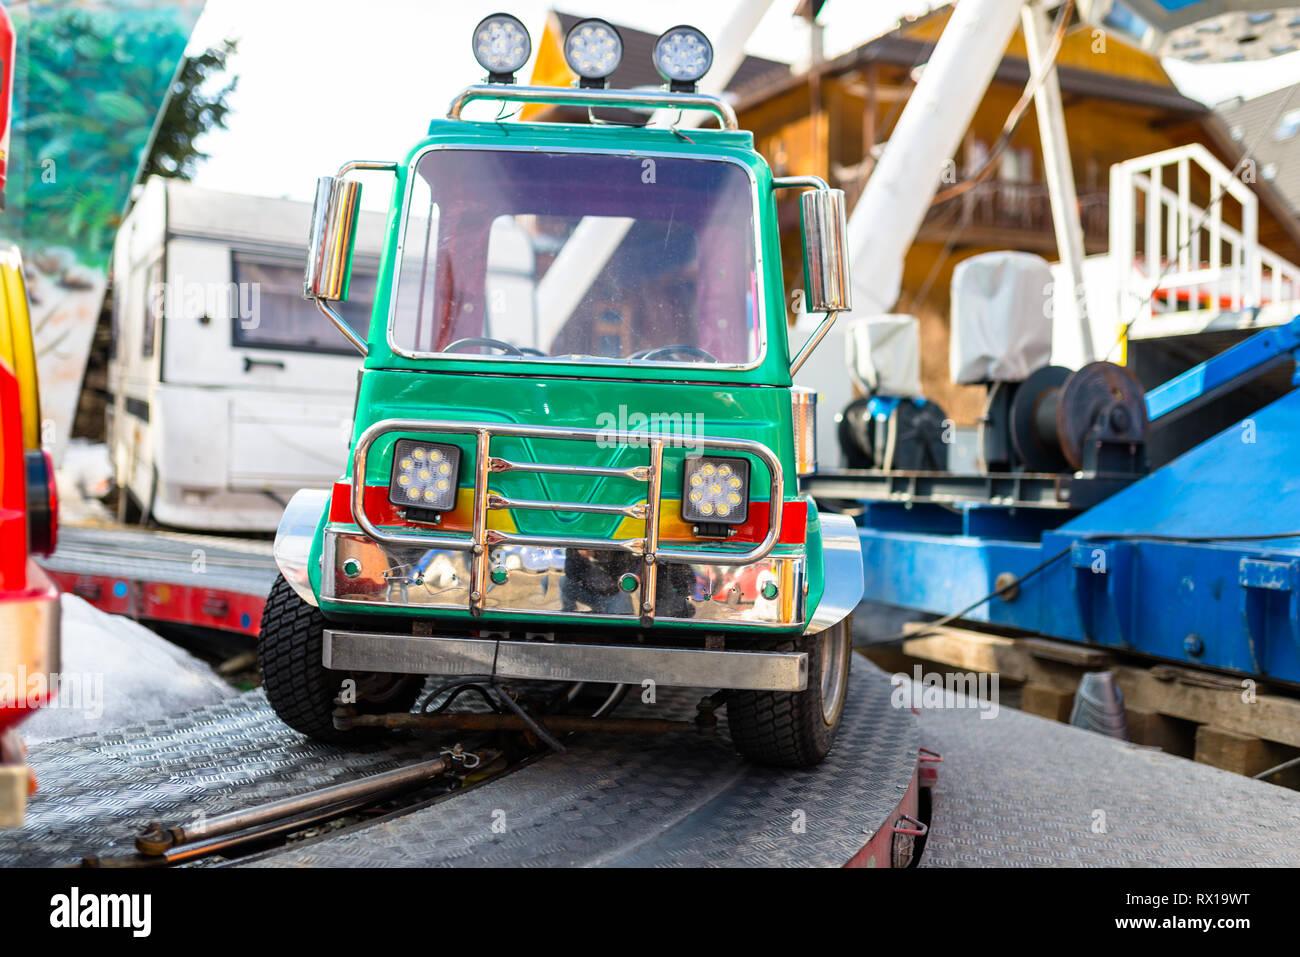 Elektrische Green Car für Kinder auf dem Weg in einen Vergnügungspark. Stockbild